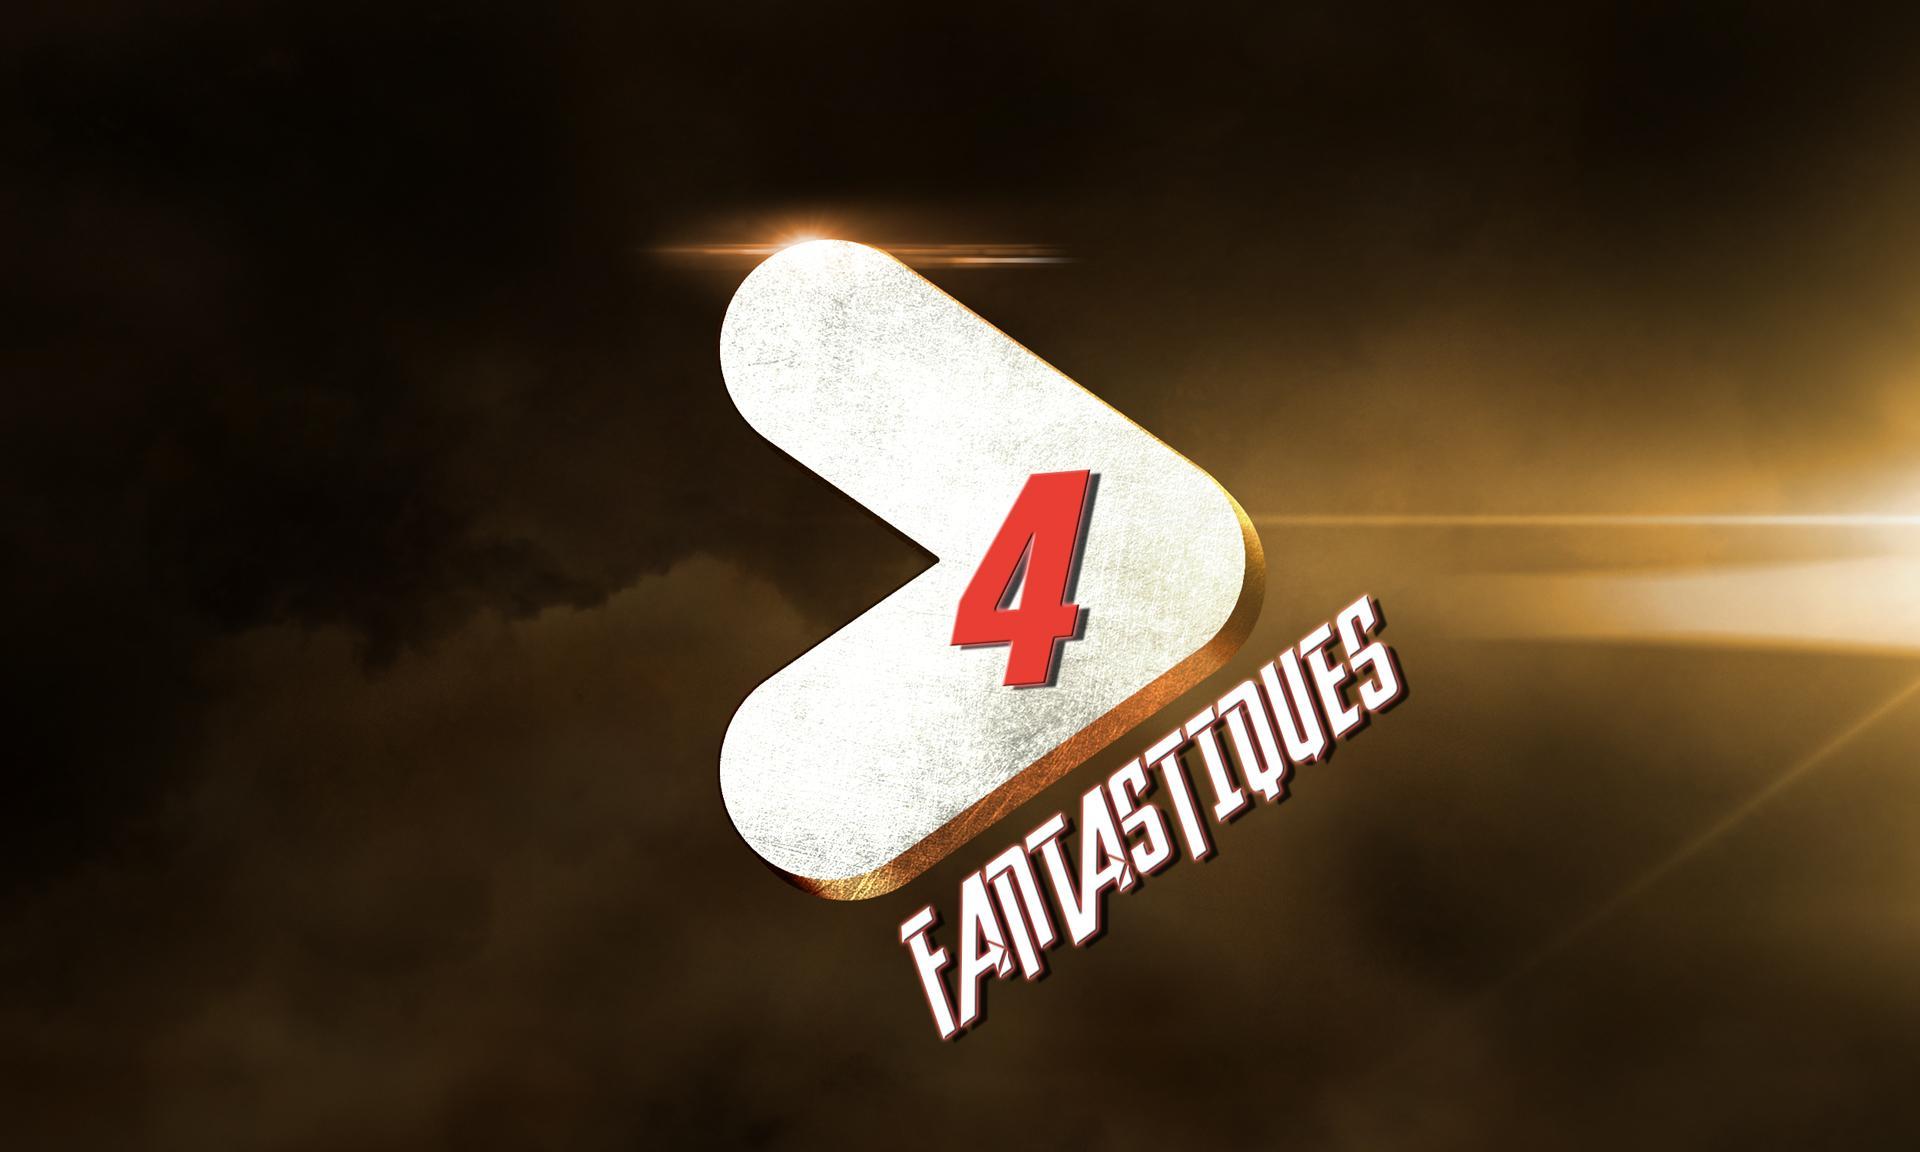 4_fantastiques